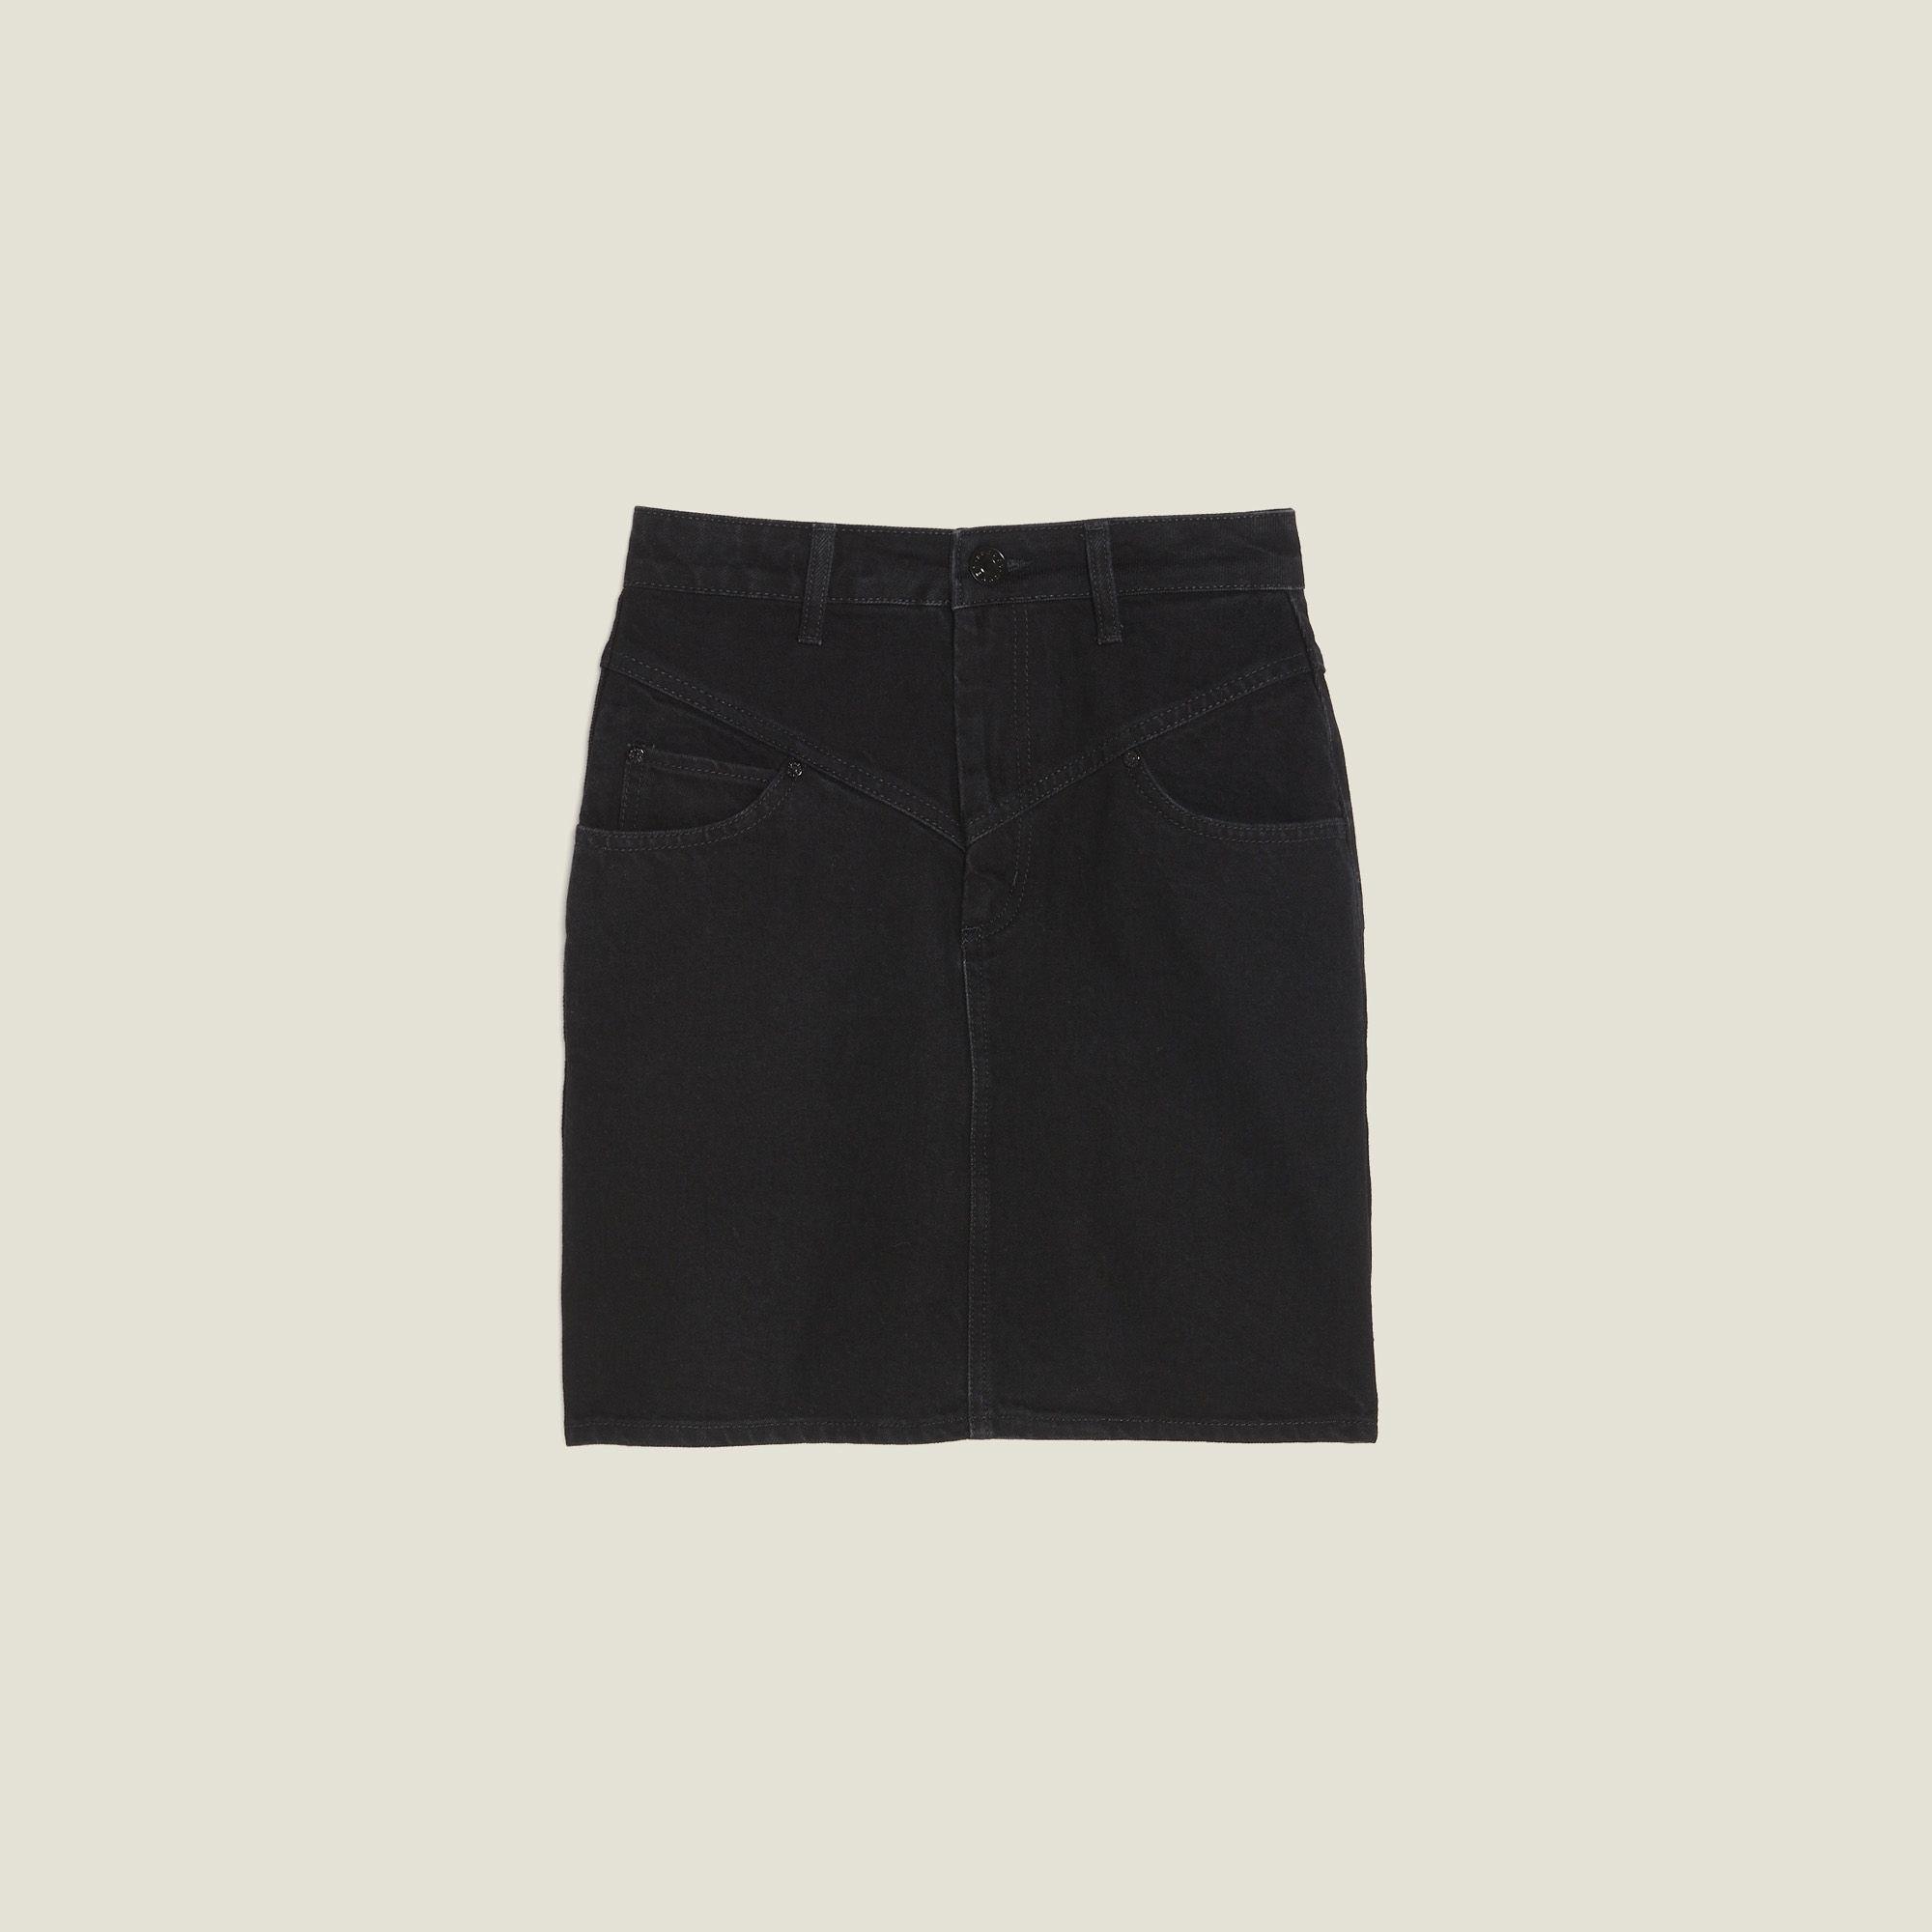 c4c5517c1e9382 Sandro Short denim skirt in 2019 | ss20 | Denim skirt, Skirts, Denim ...